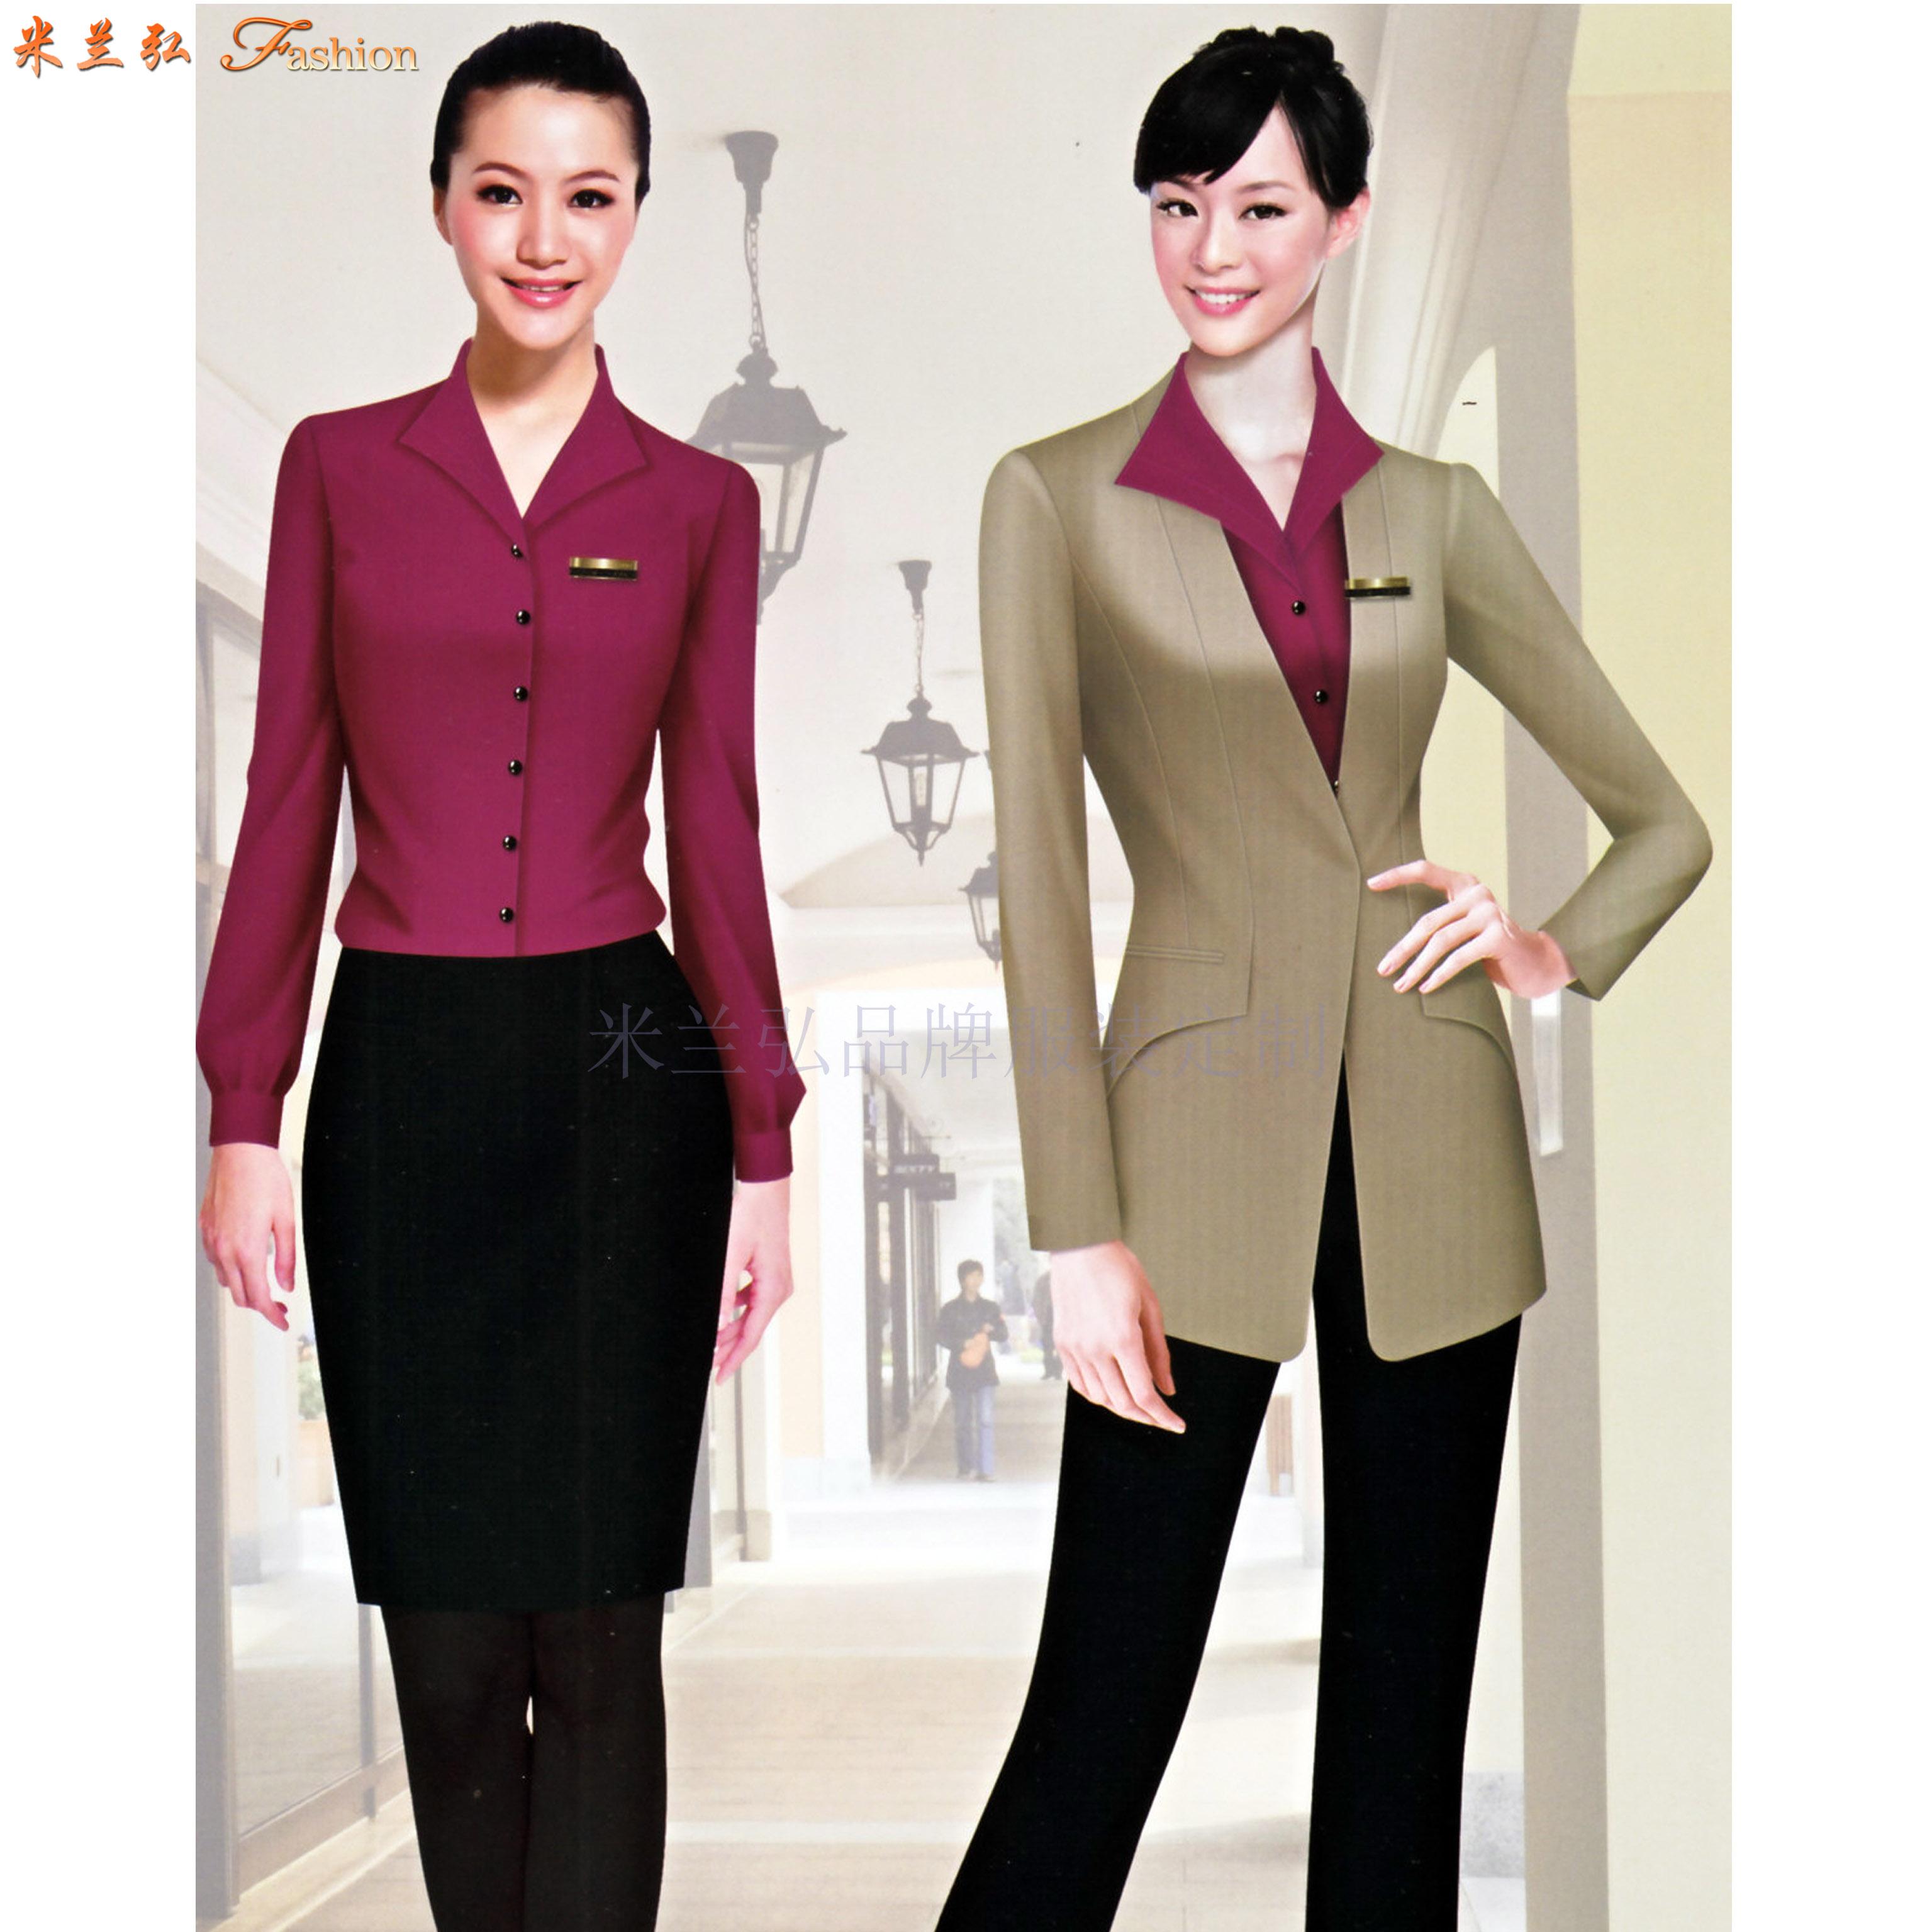 廣東職業裝定做-新穎潮流職業裝訂制-米蘭弘服裝-1